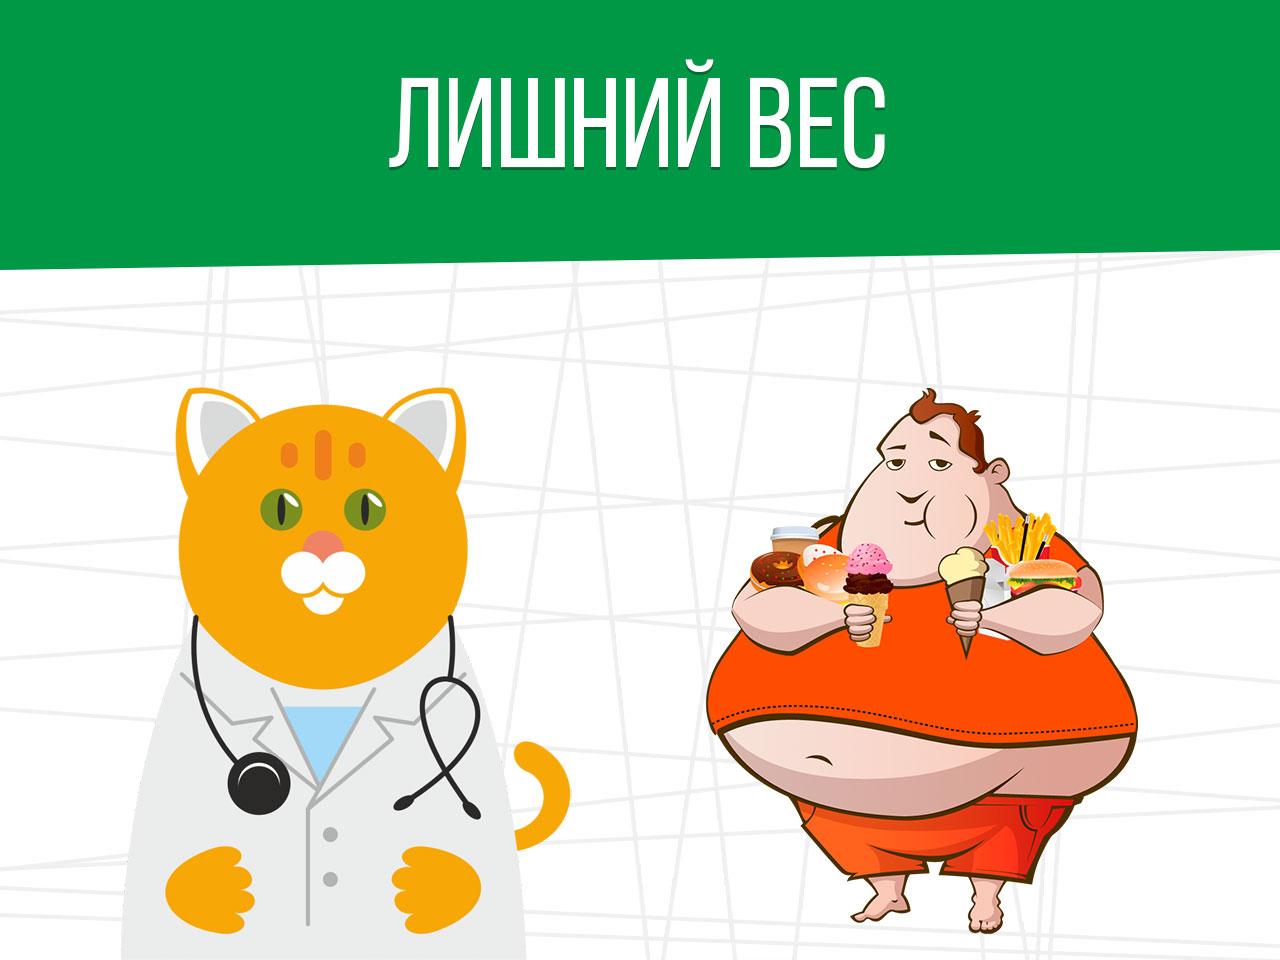 Лишний вес: какая категория годности?